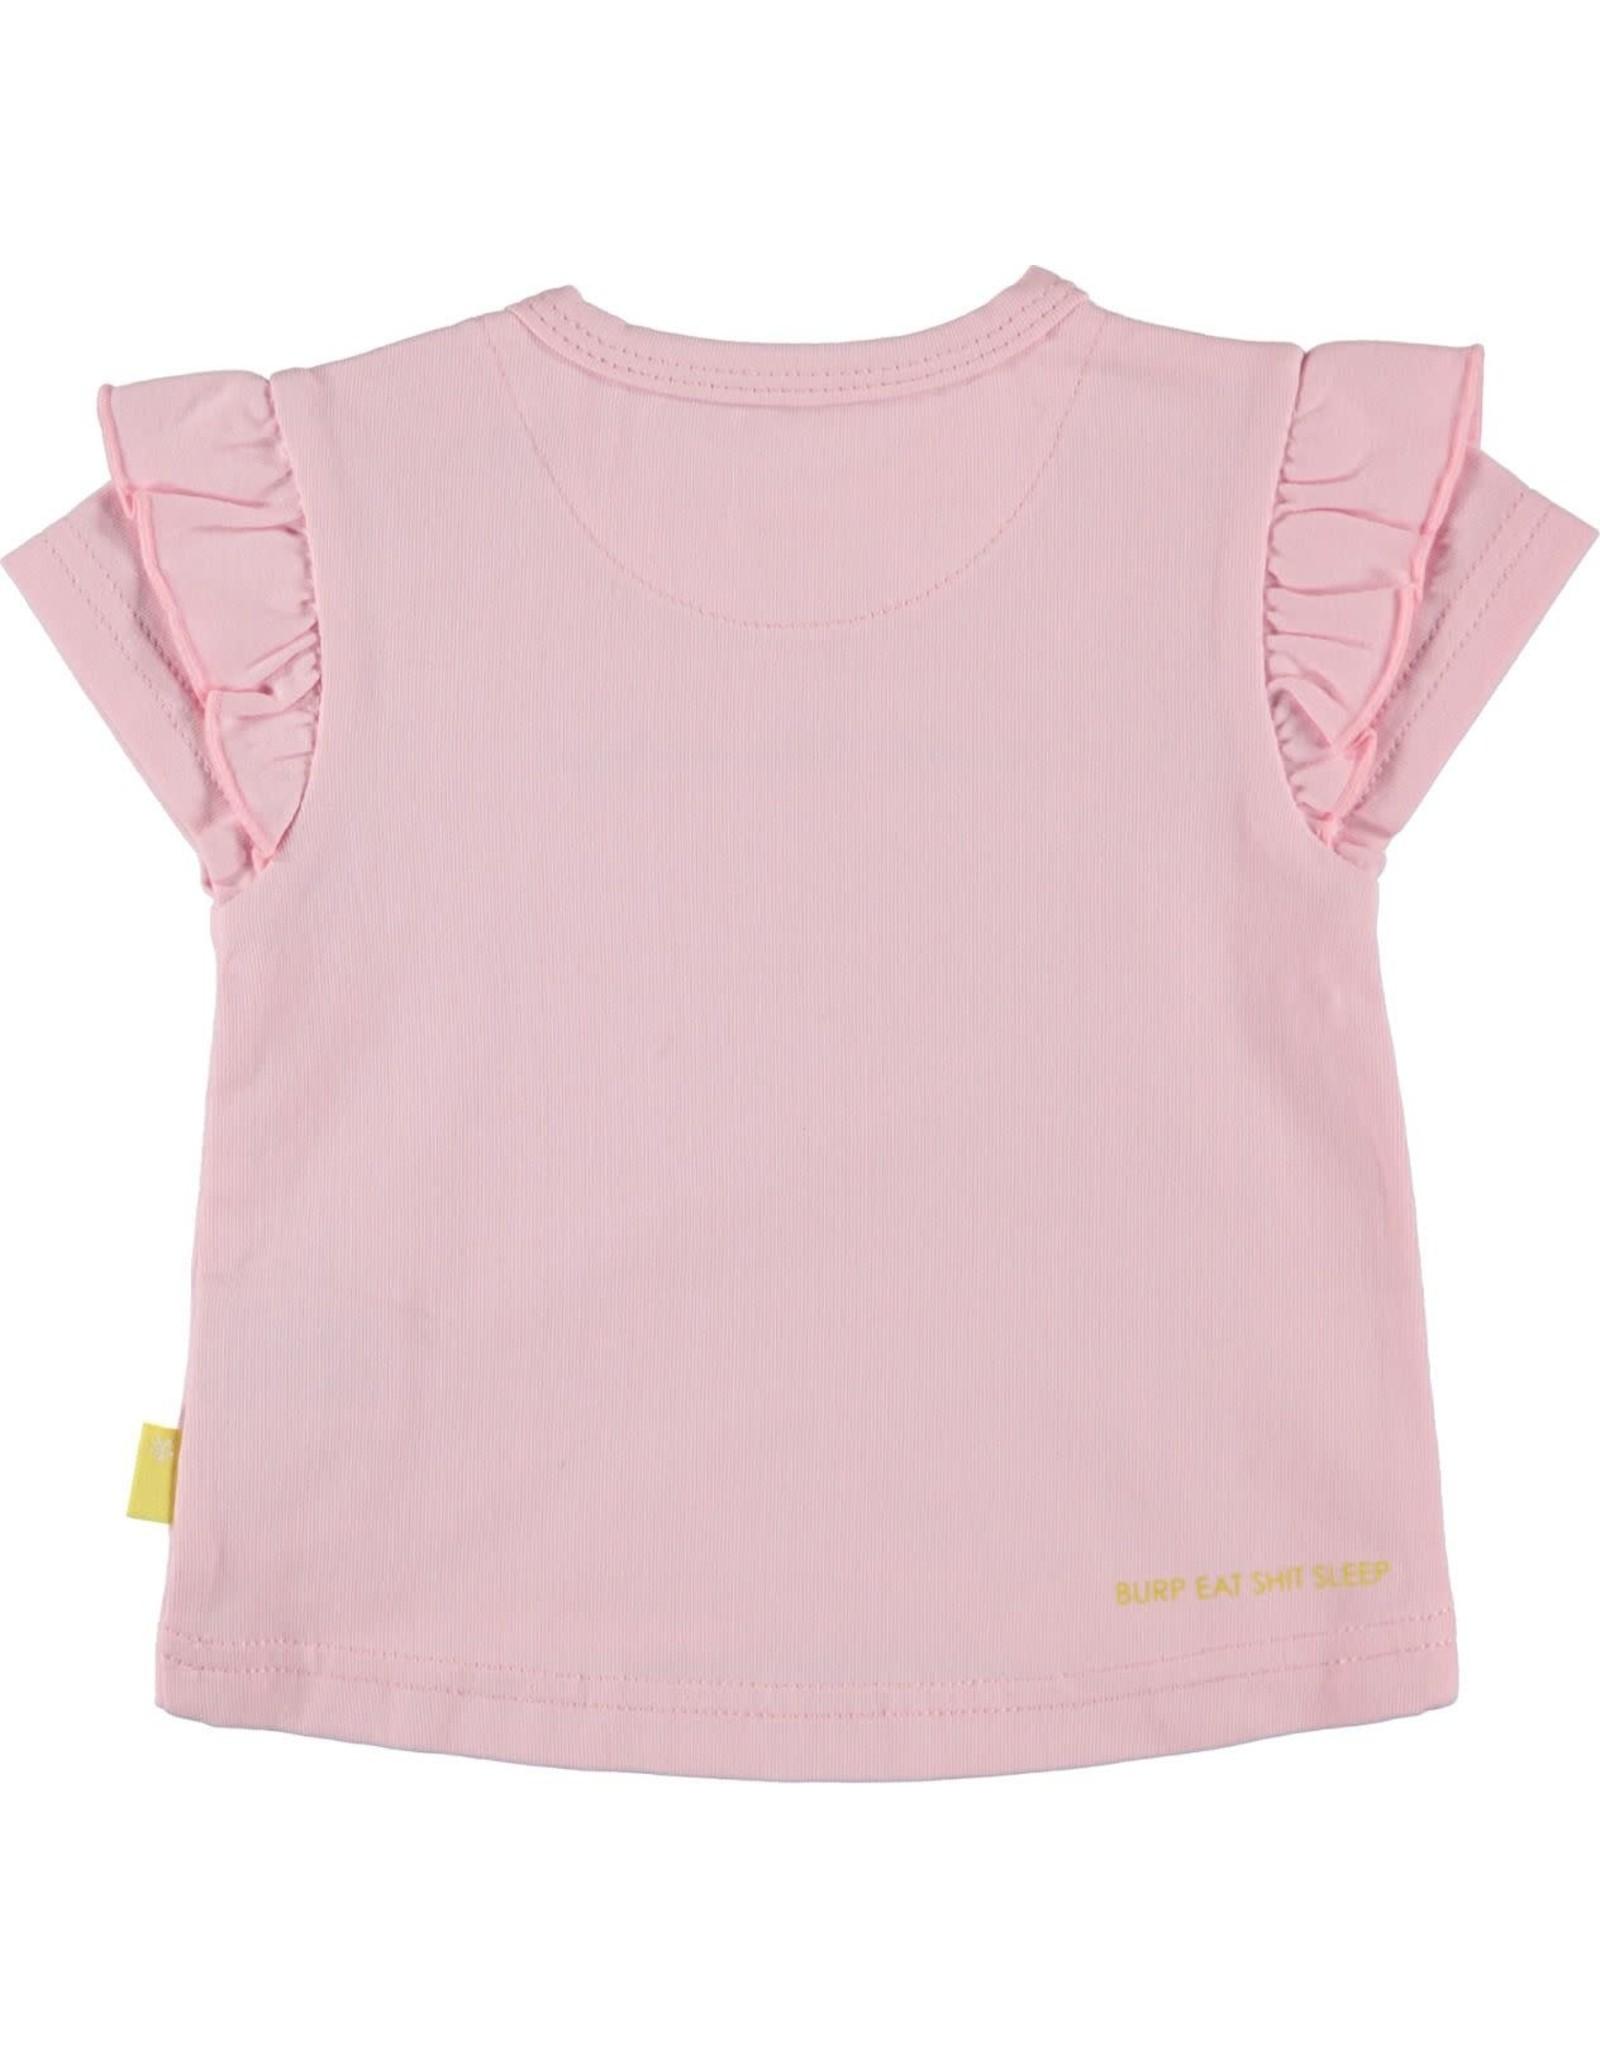 B*E*S*S 21065 T-Shirt